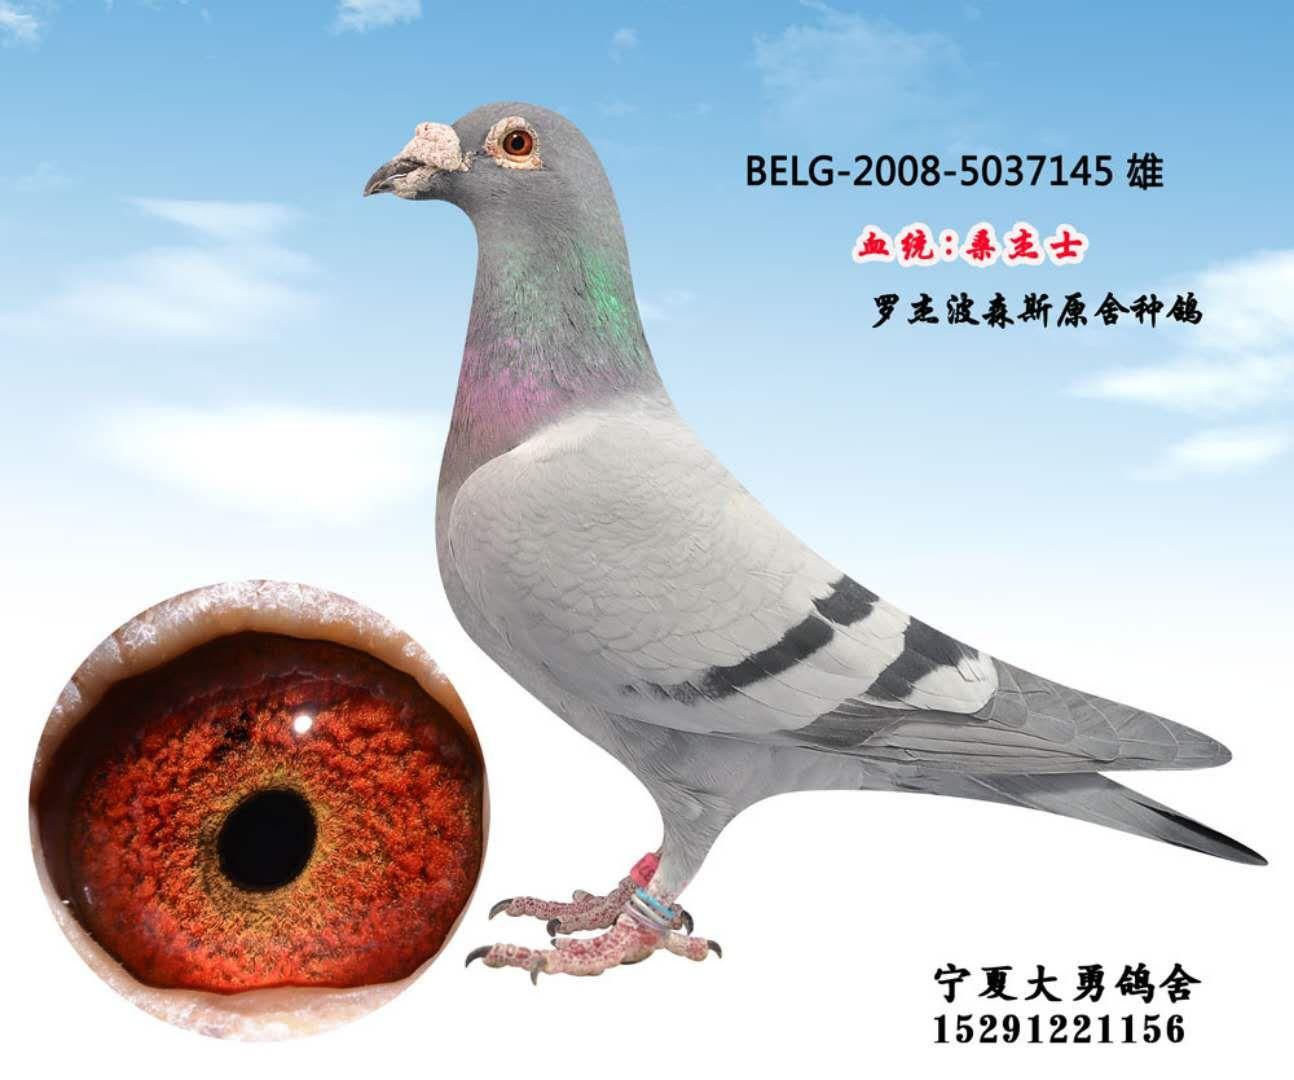 看看TA的鸽舍简介